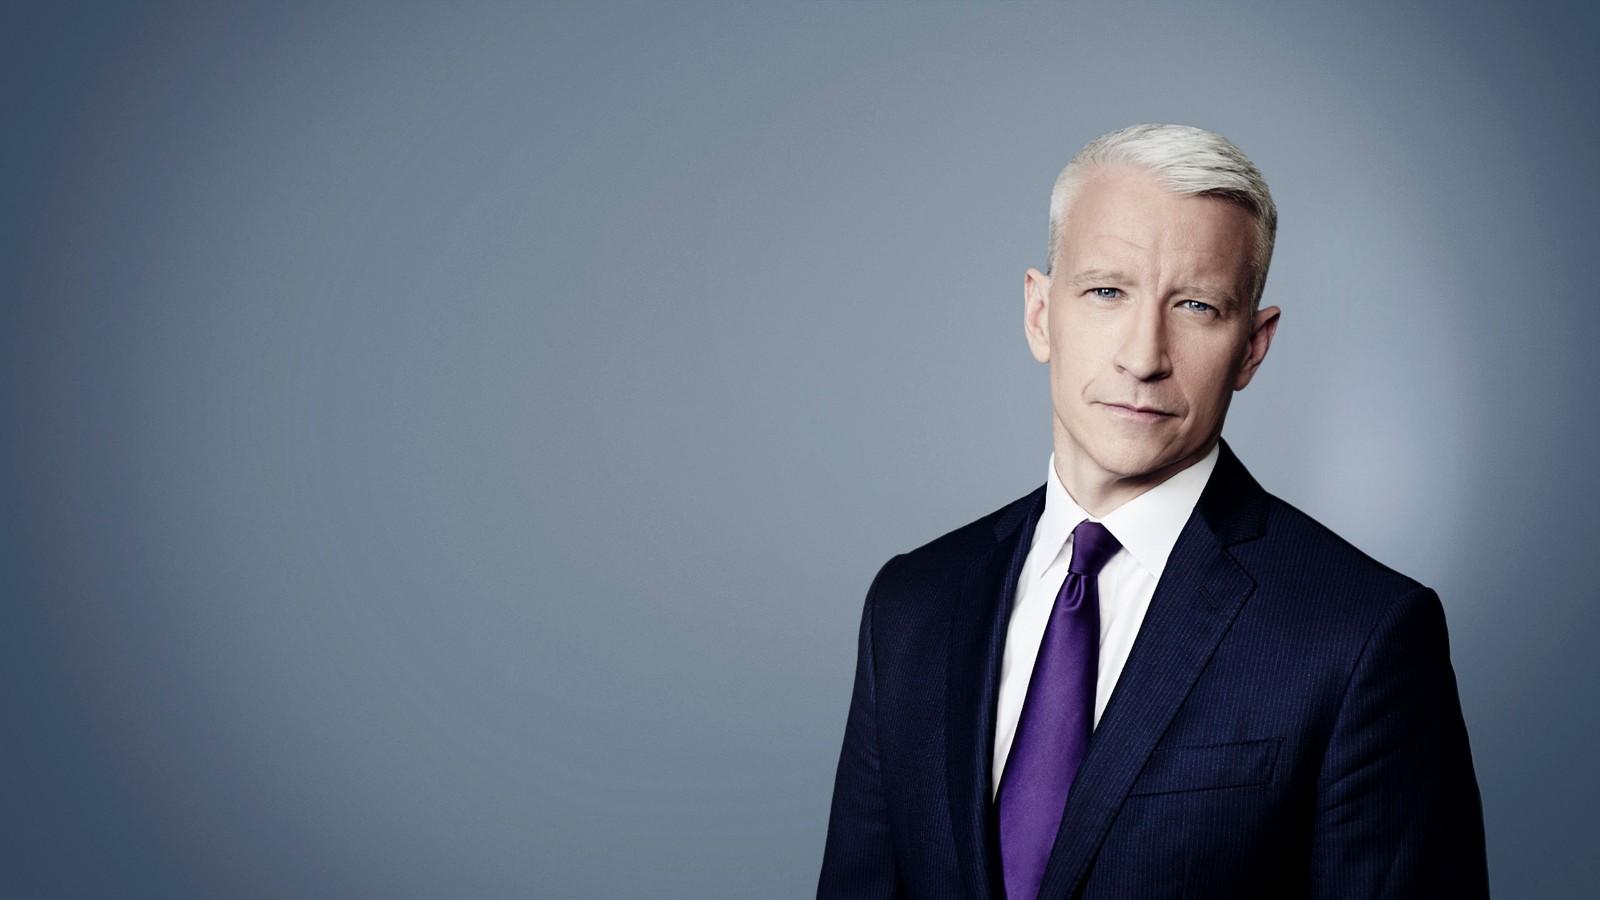 8901b9c94ba CNN Profiles - Anderson Cooper - CNN anchor - CNN